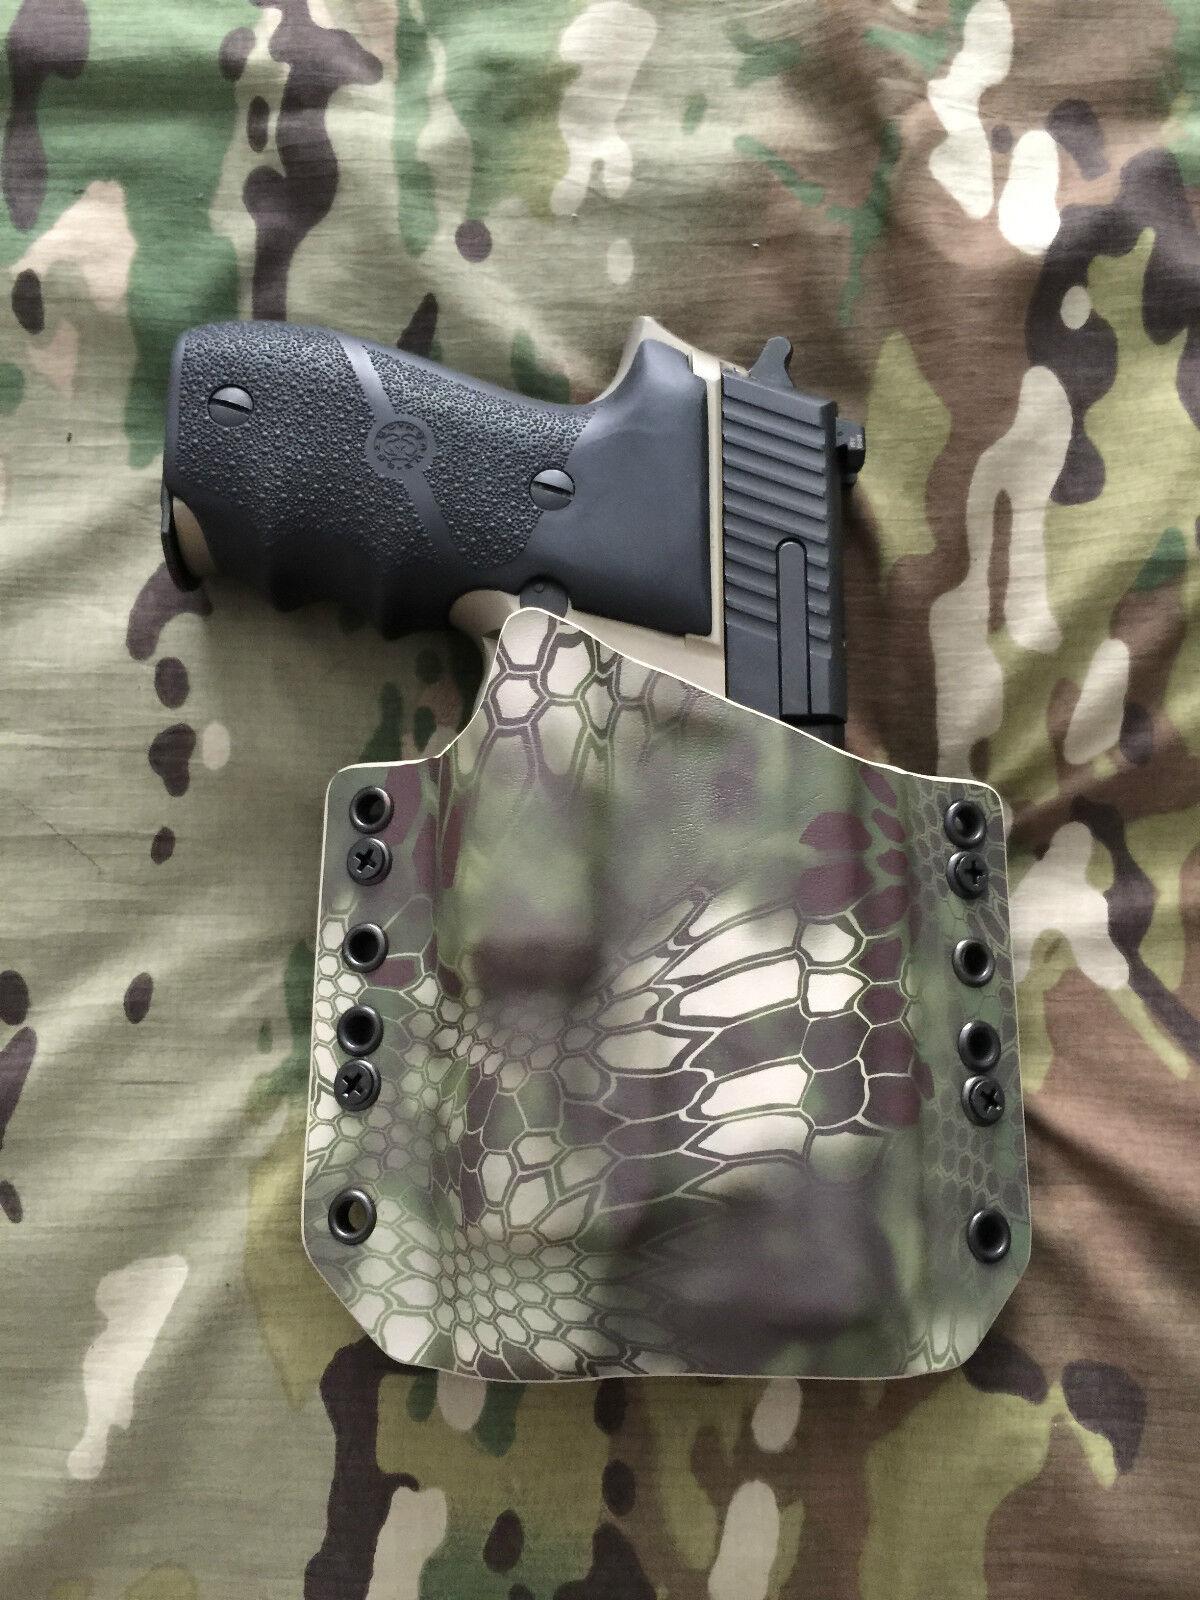 Kryptek Mandrake Kydex Light Holster Streamlight SIG P227R Streamlight Holster TLR-1s / TLR1 b056b6